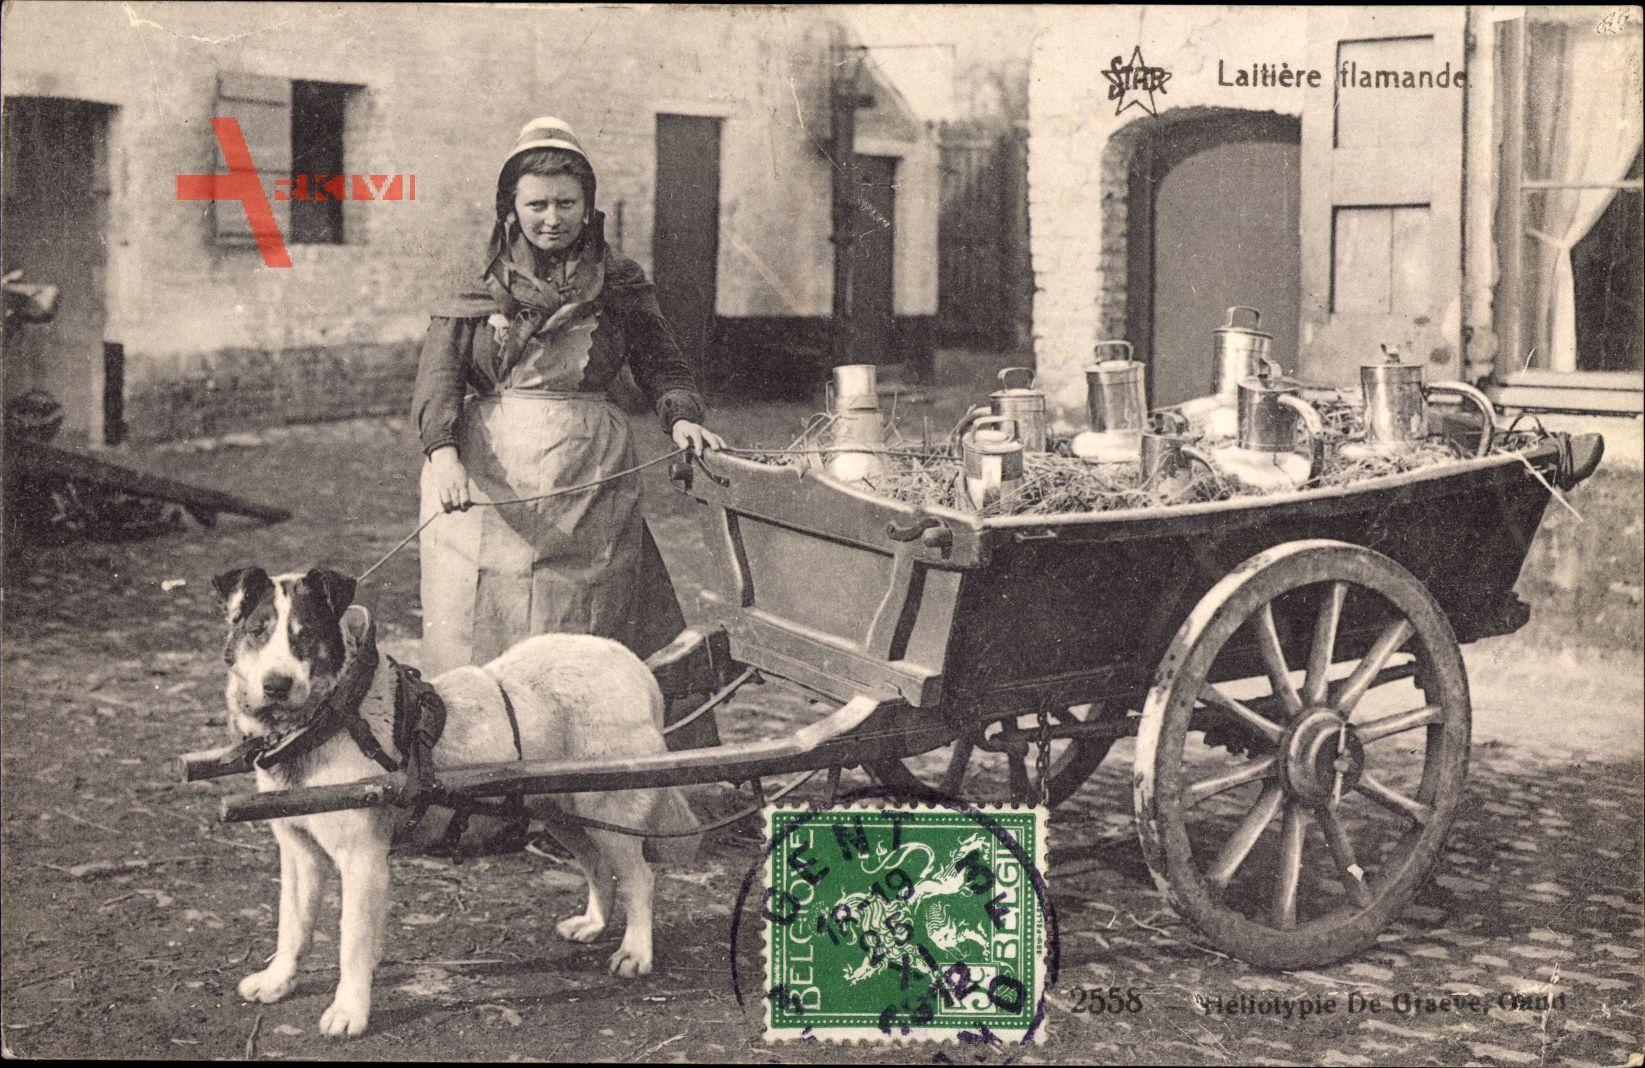 Belgien, Laitière flamande, Flämisches Milchmädchen, Zughund